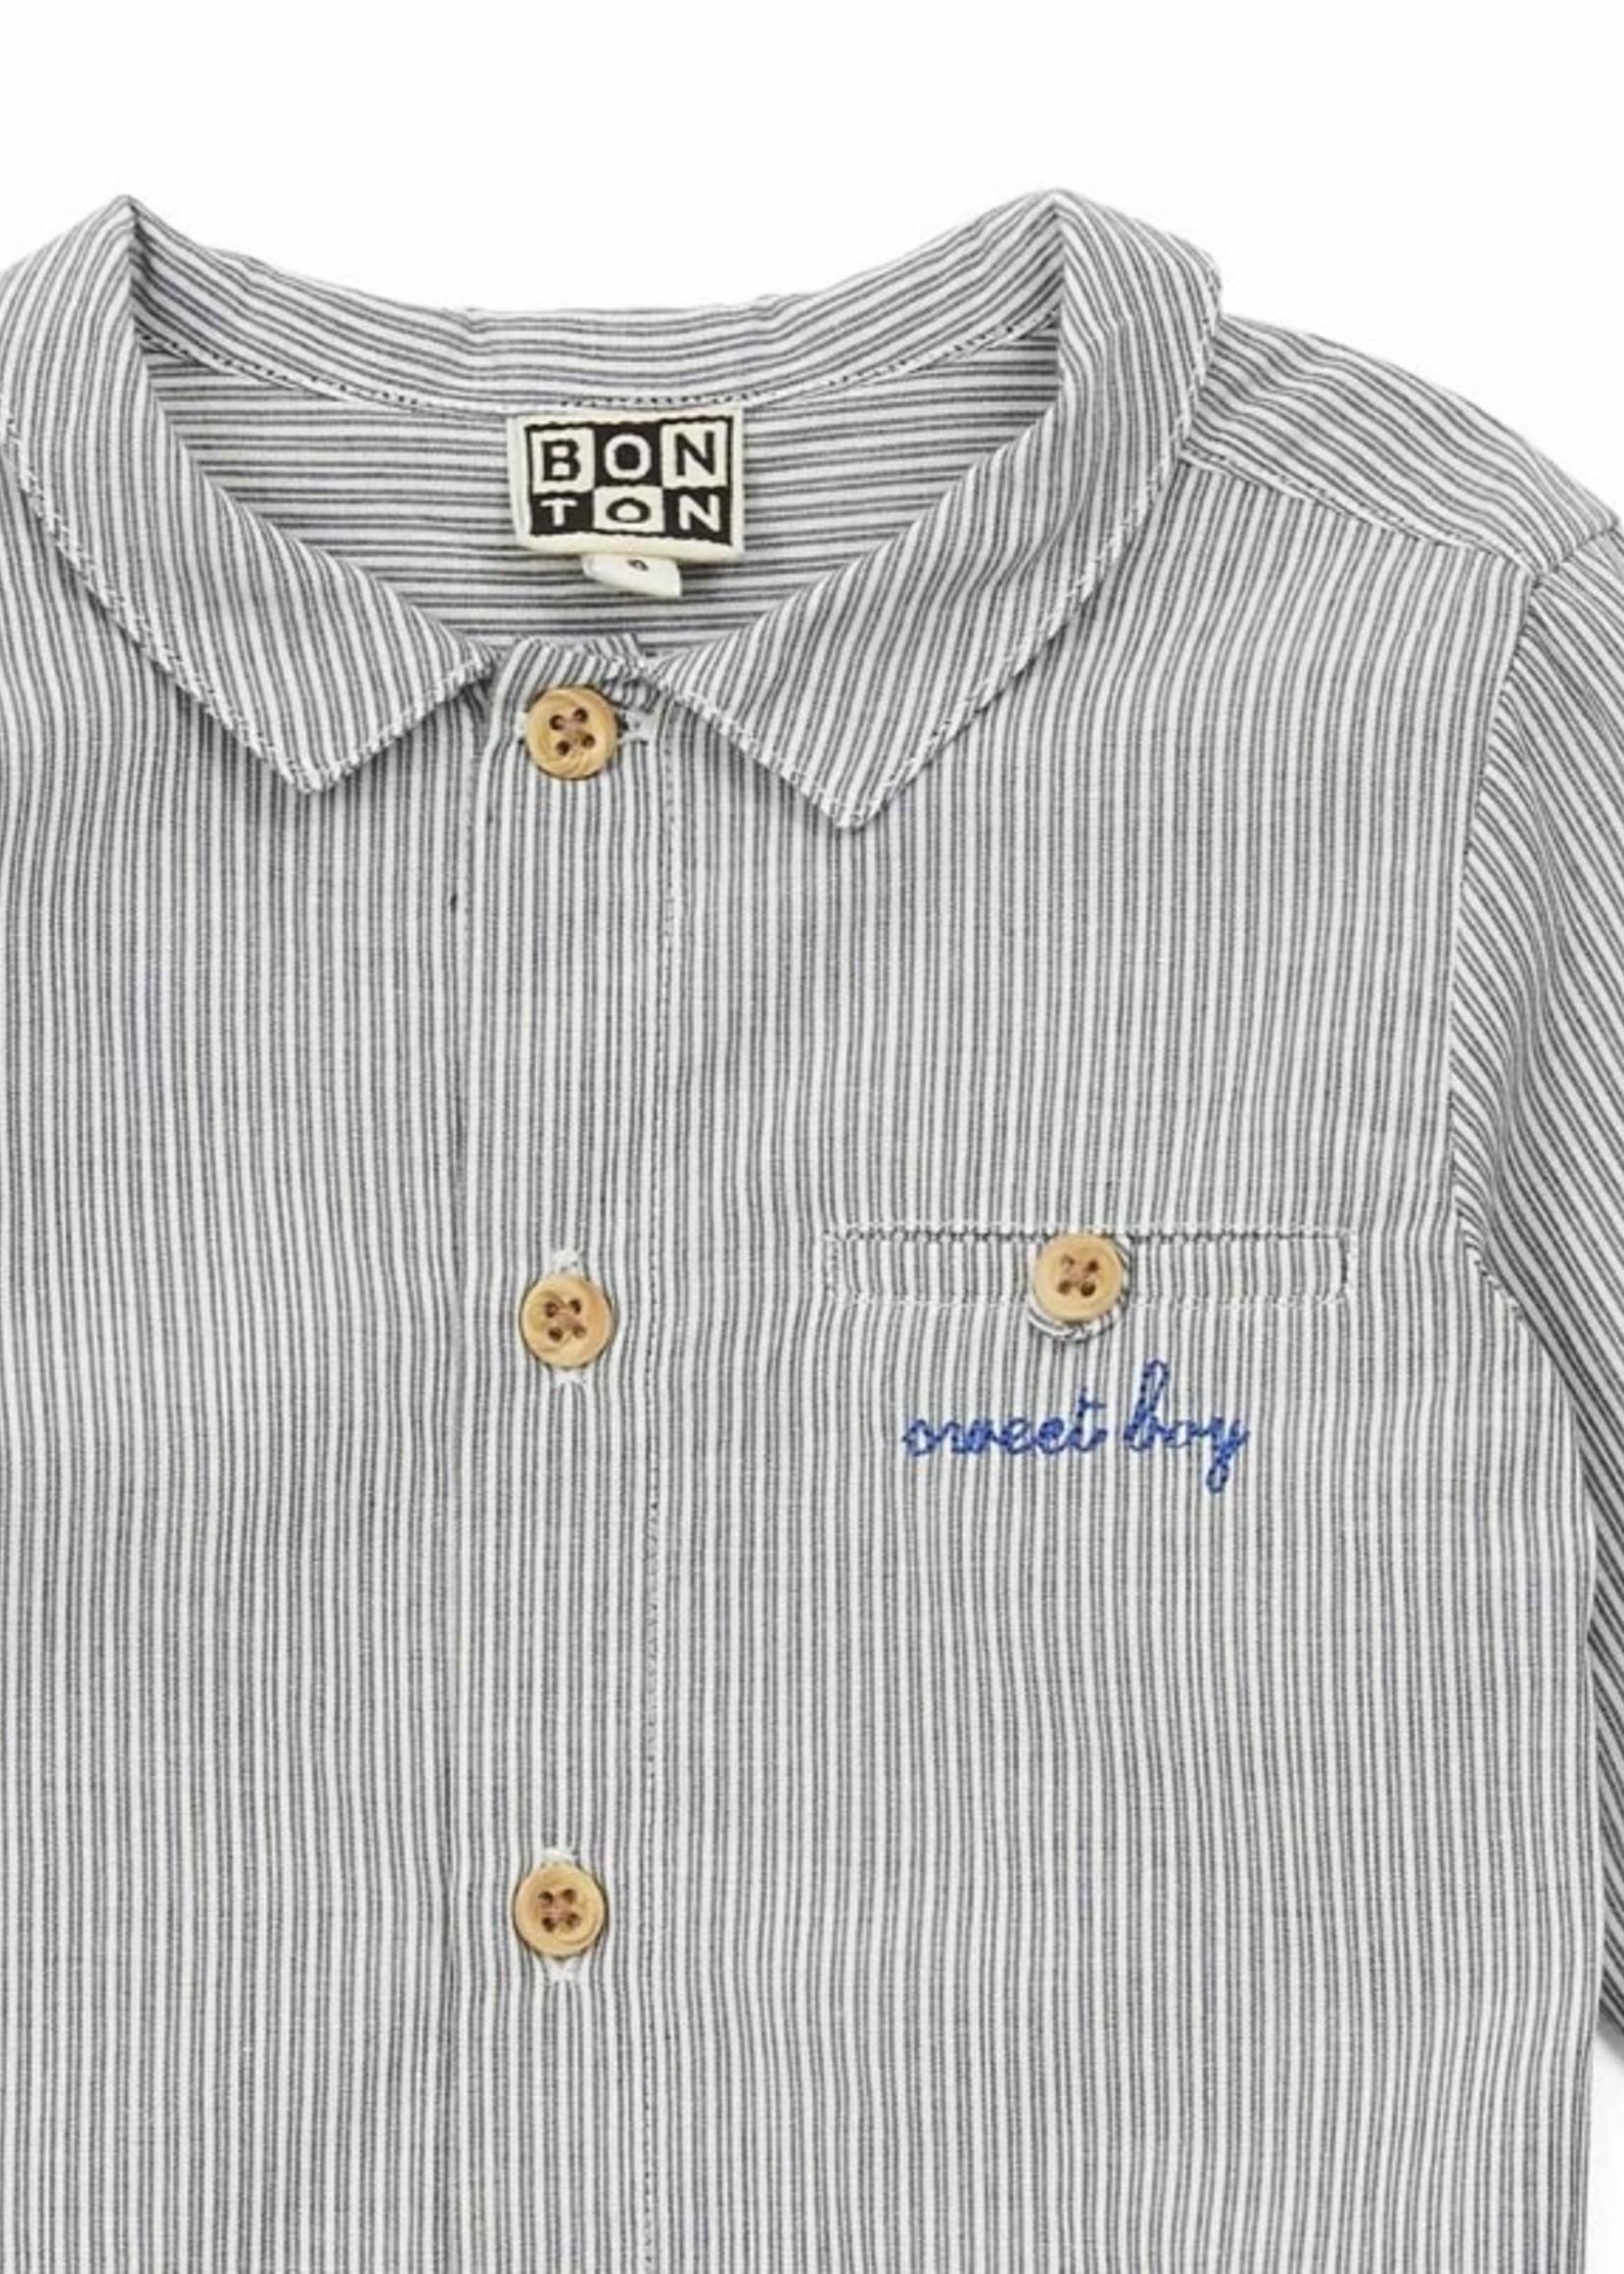 Bonton Bonton baby Shirt